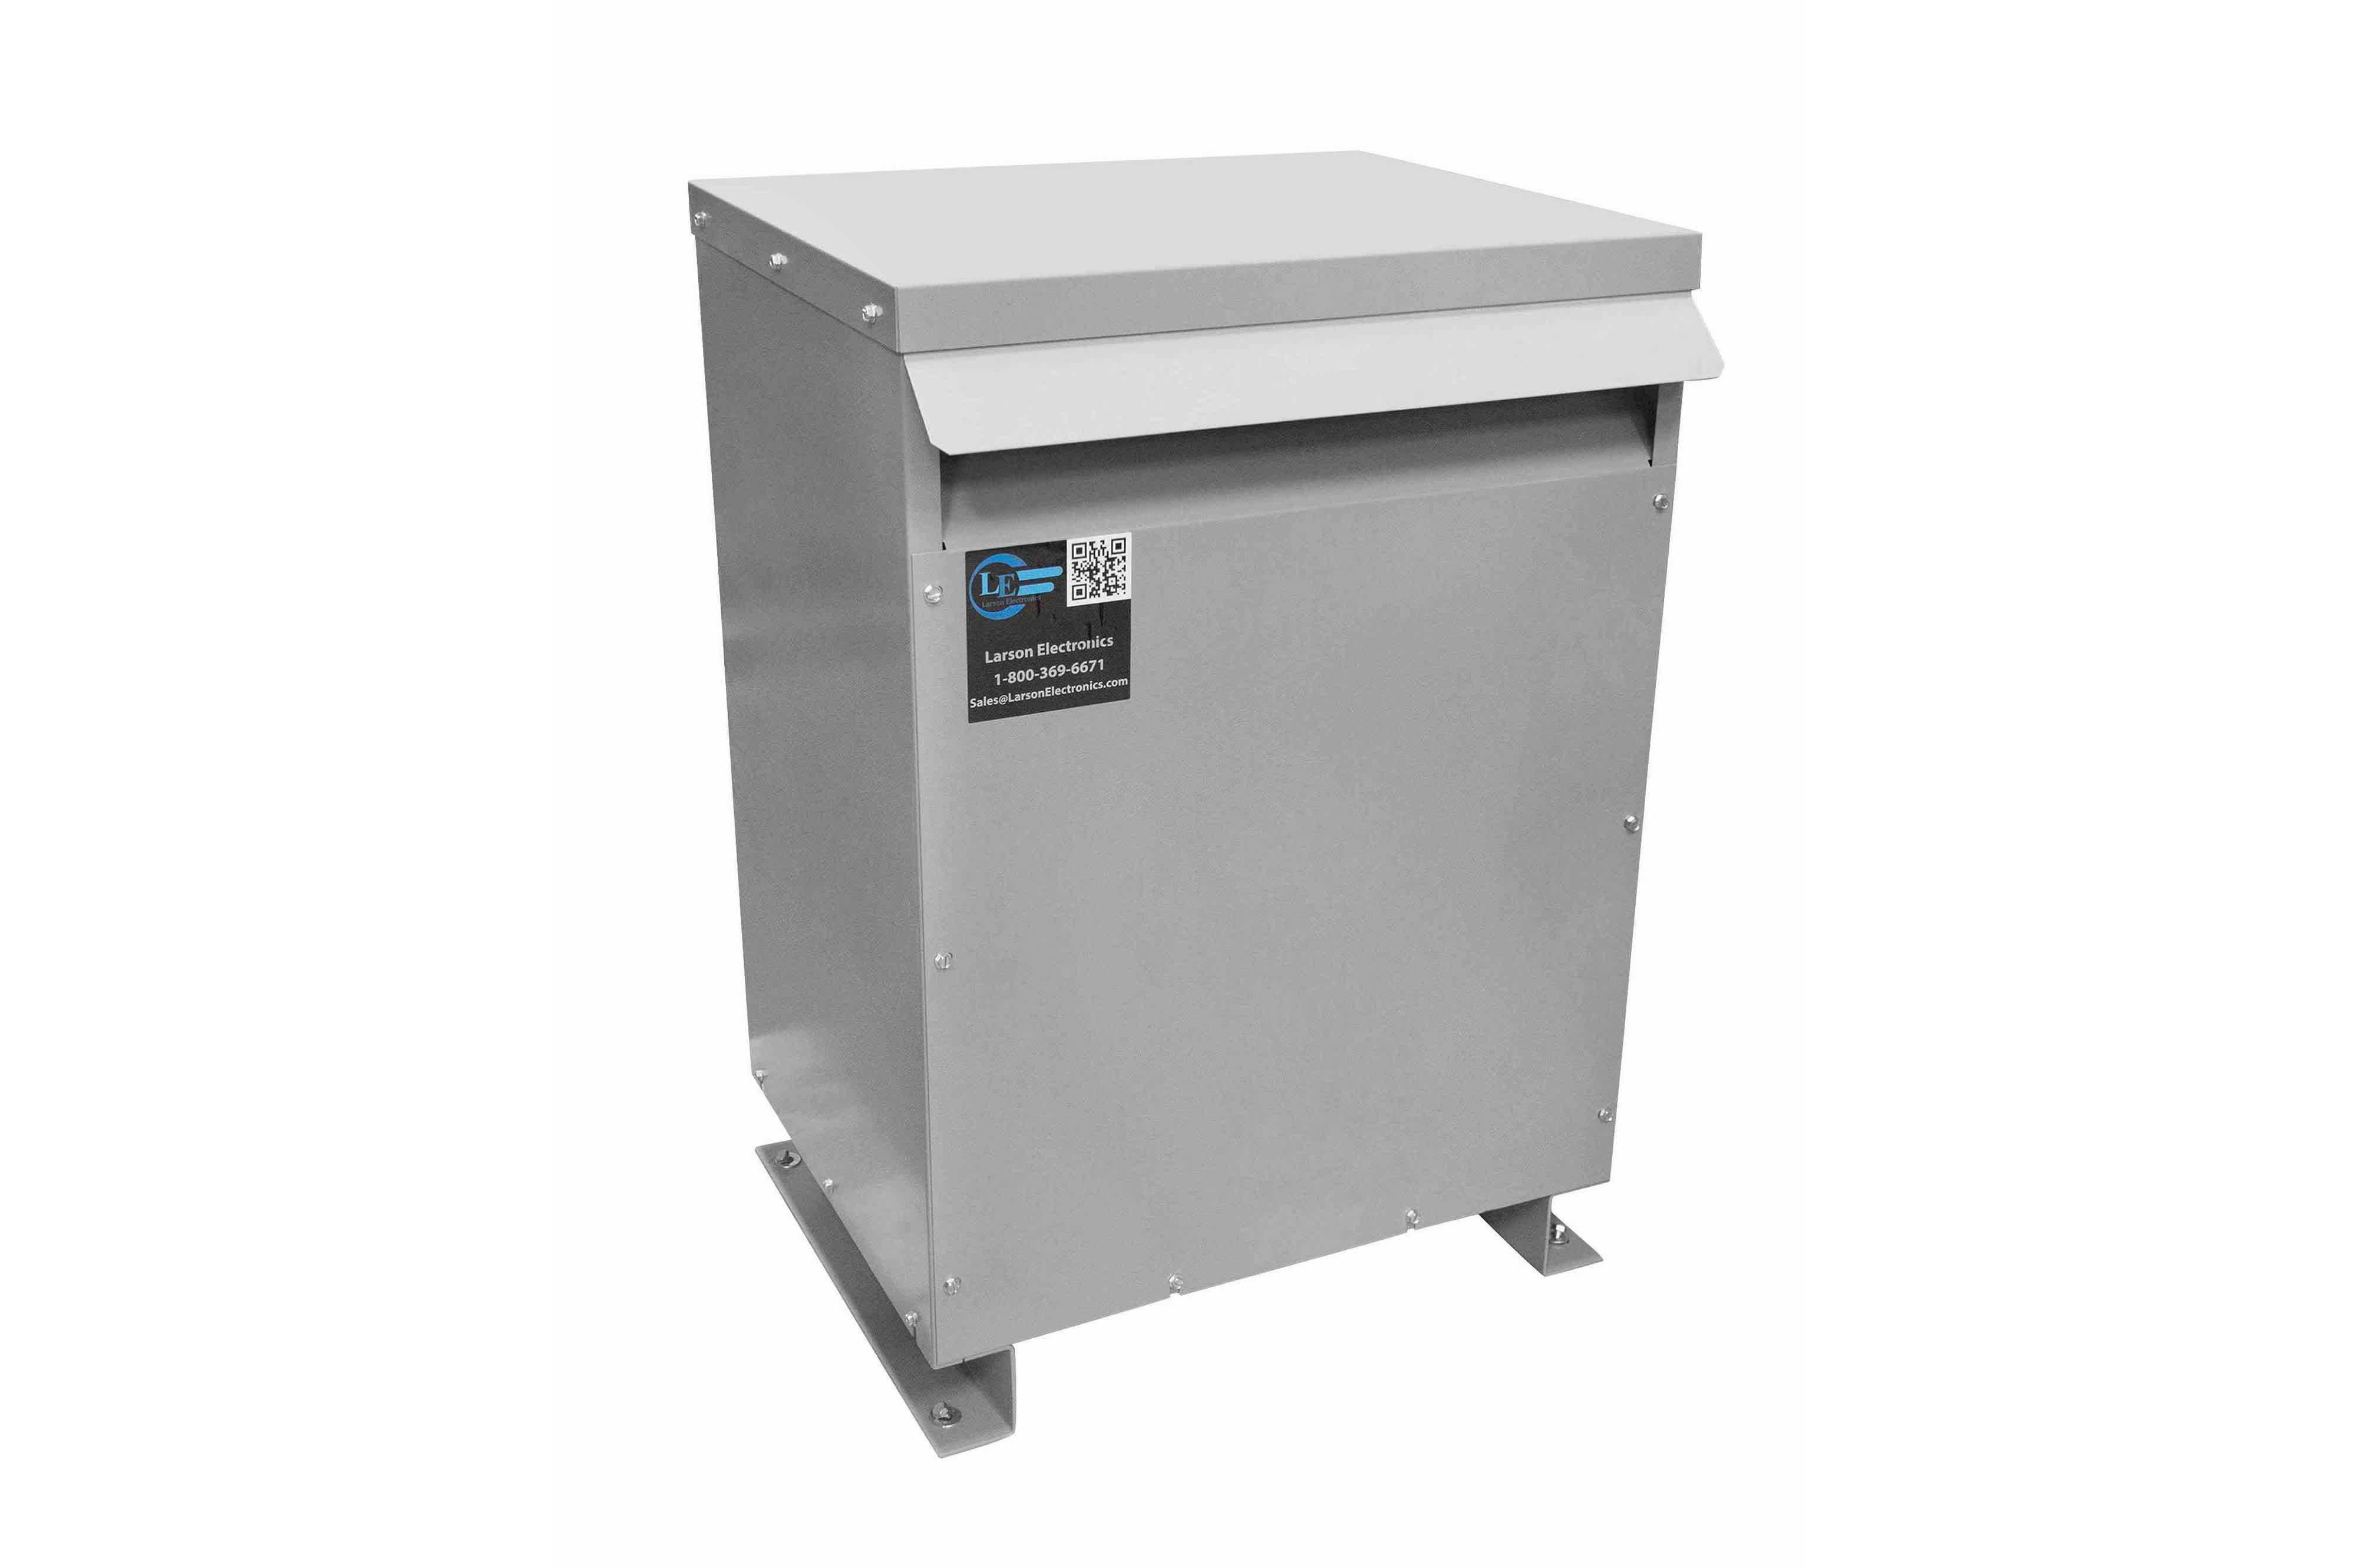 52.5 kVA 3PH Isolation Transformer, 460V Delta Primary, 600V Delta Secondary, N3R, Ventilated, 60 Hz